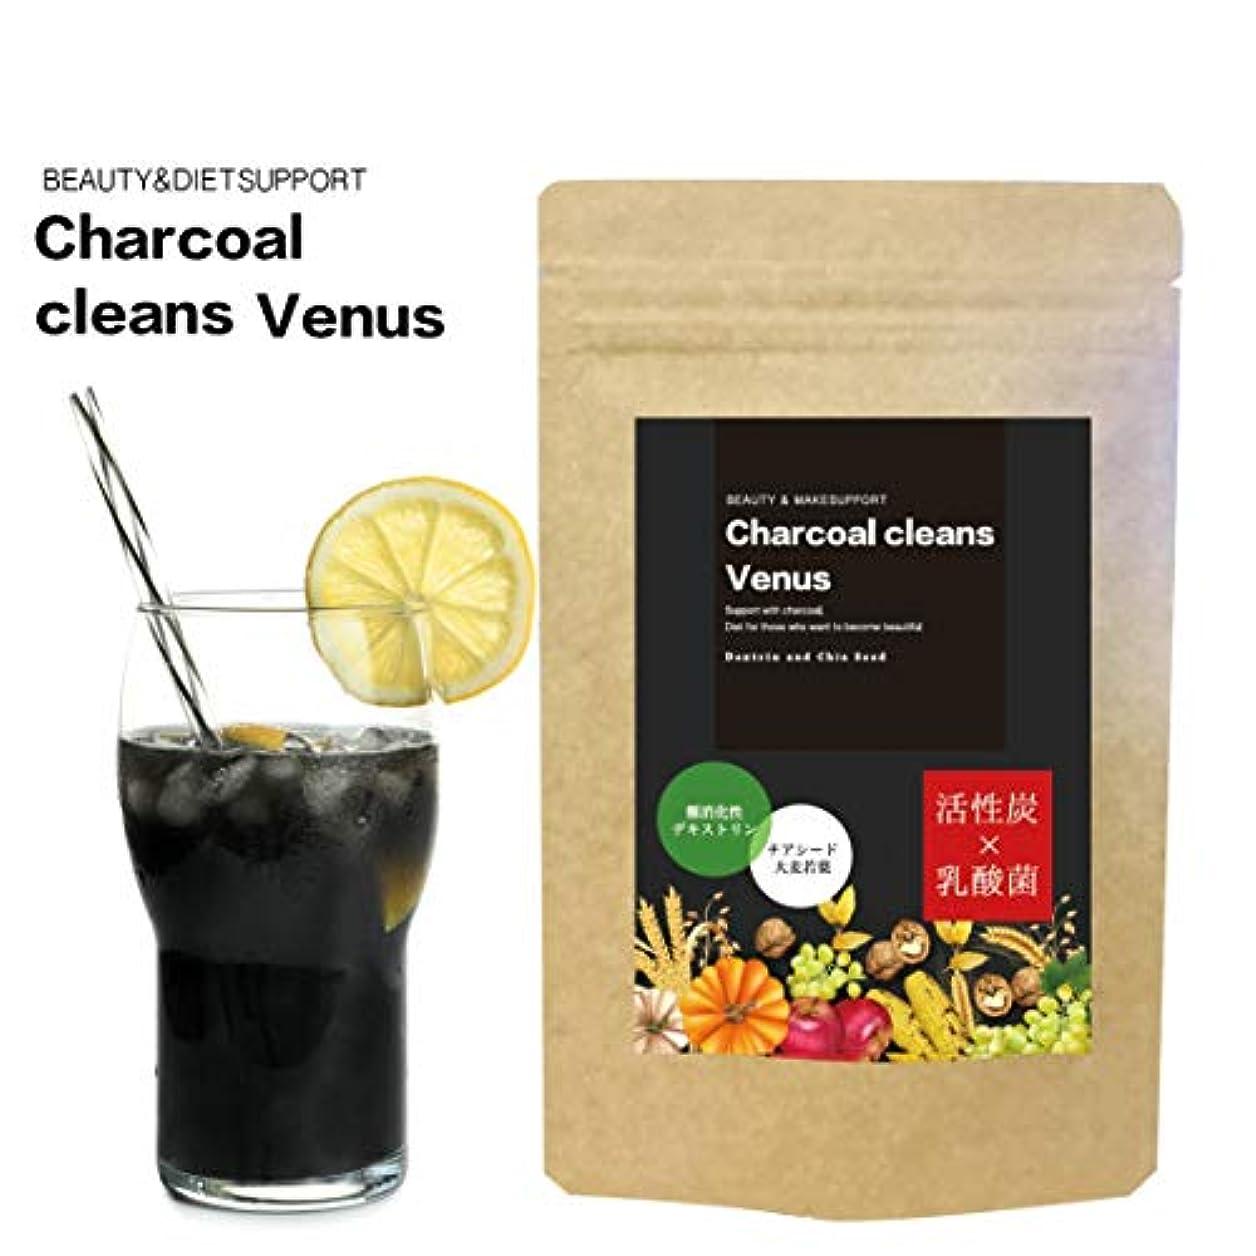 放置人に関する限り海軍炭 デトックス & ダイエット 活性炭 + 乳酸菌 チャコールクレンズ ビーナス 約1ヶ月分 150g フルーツMIX味